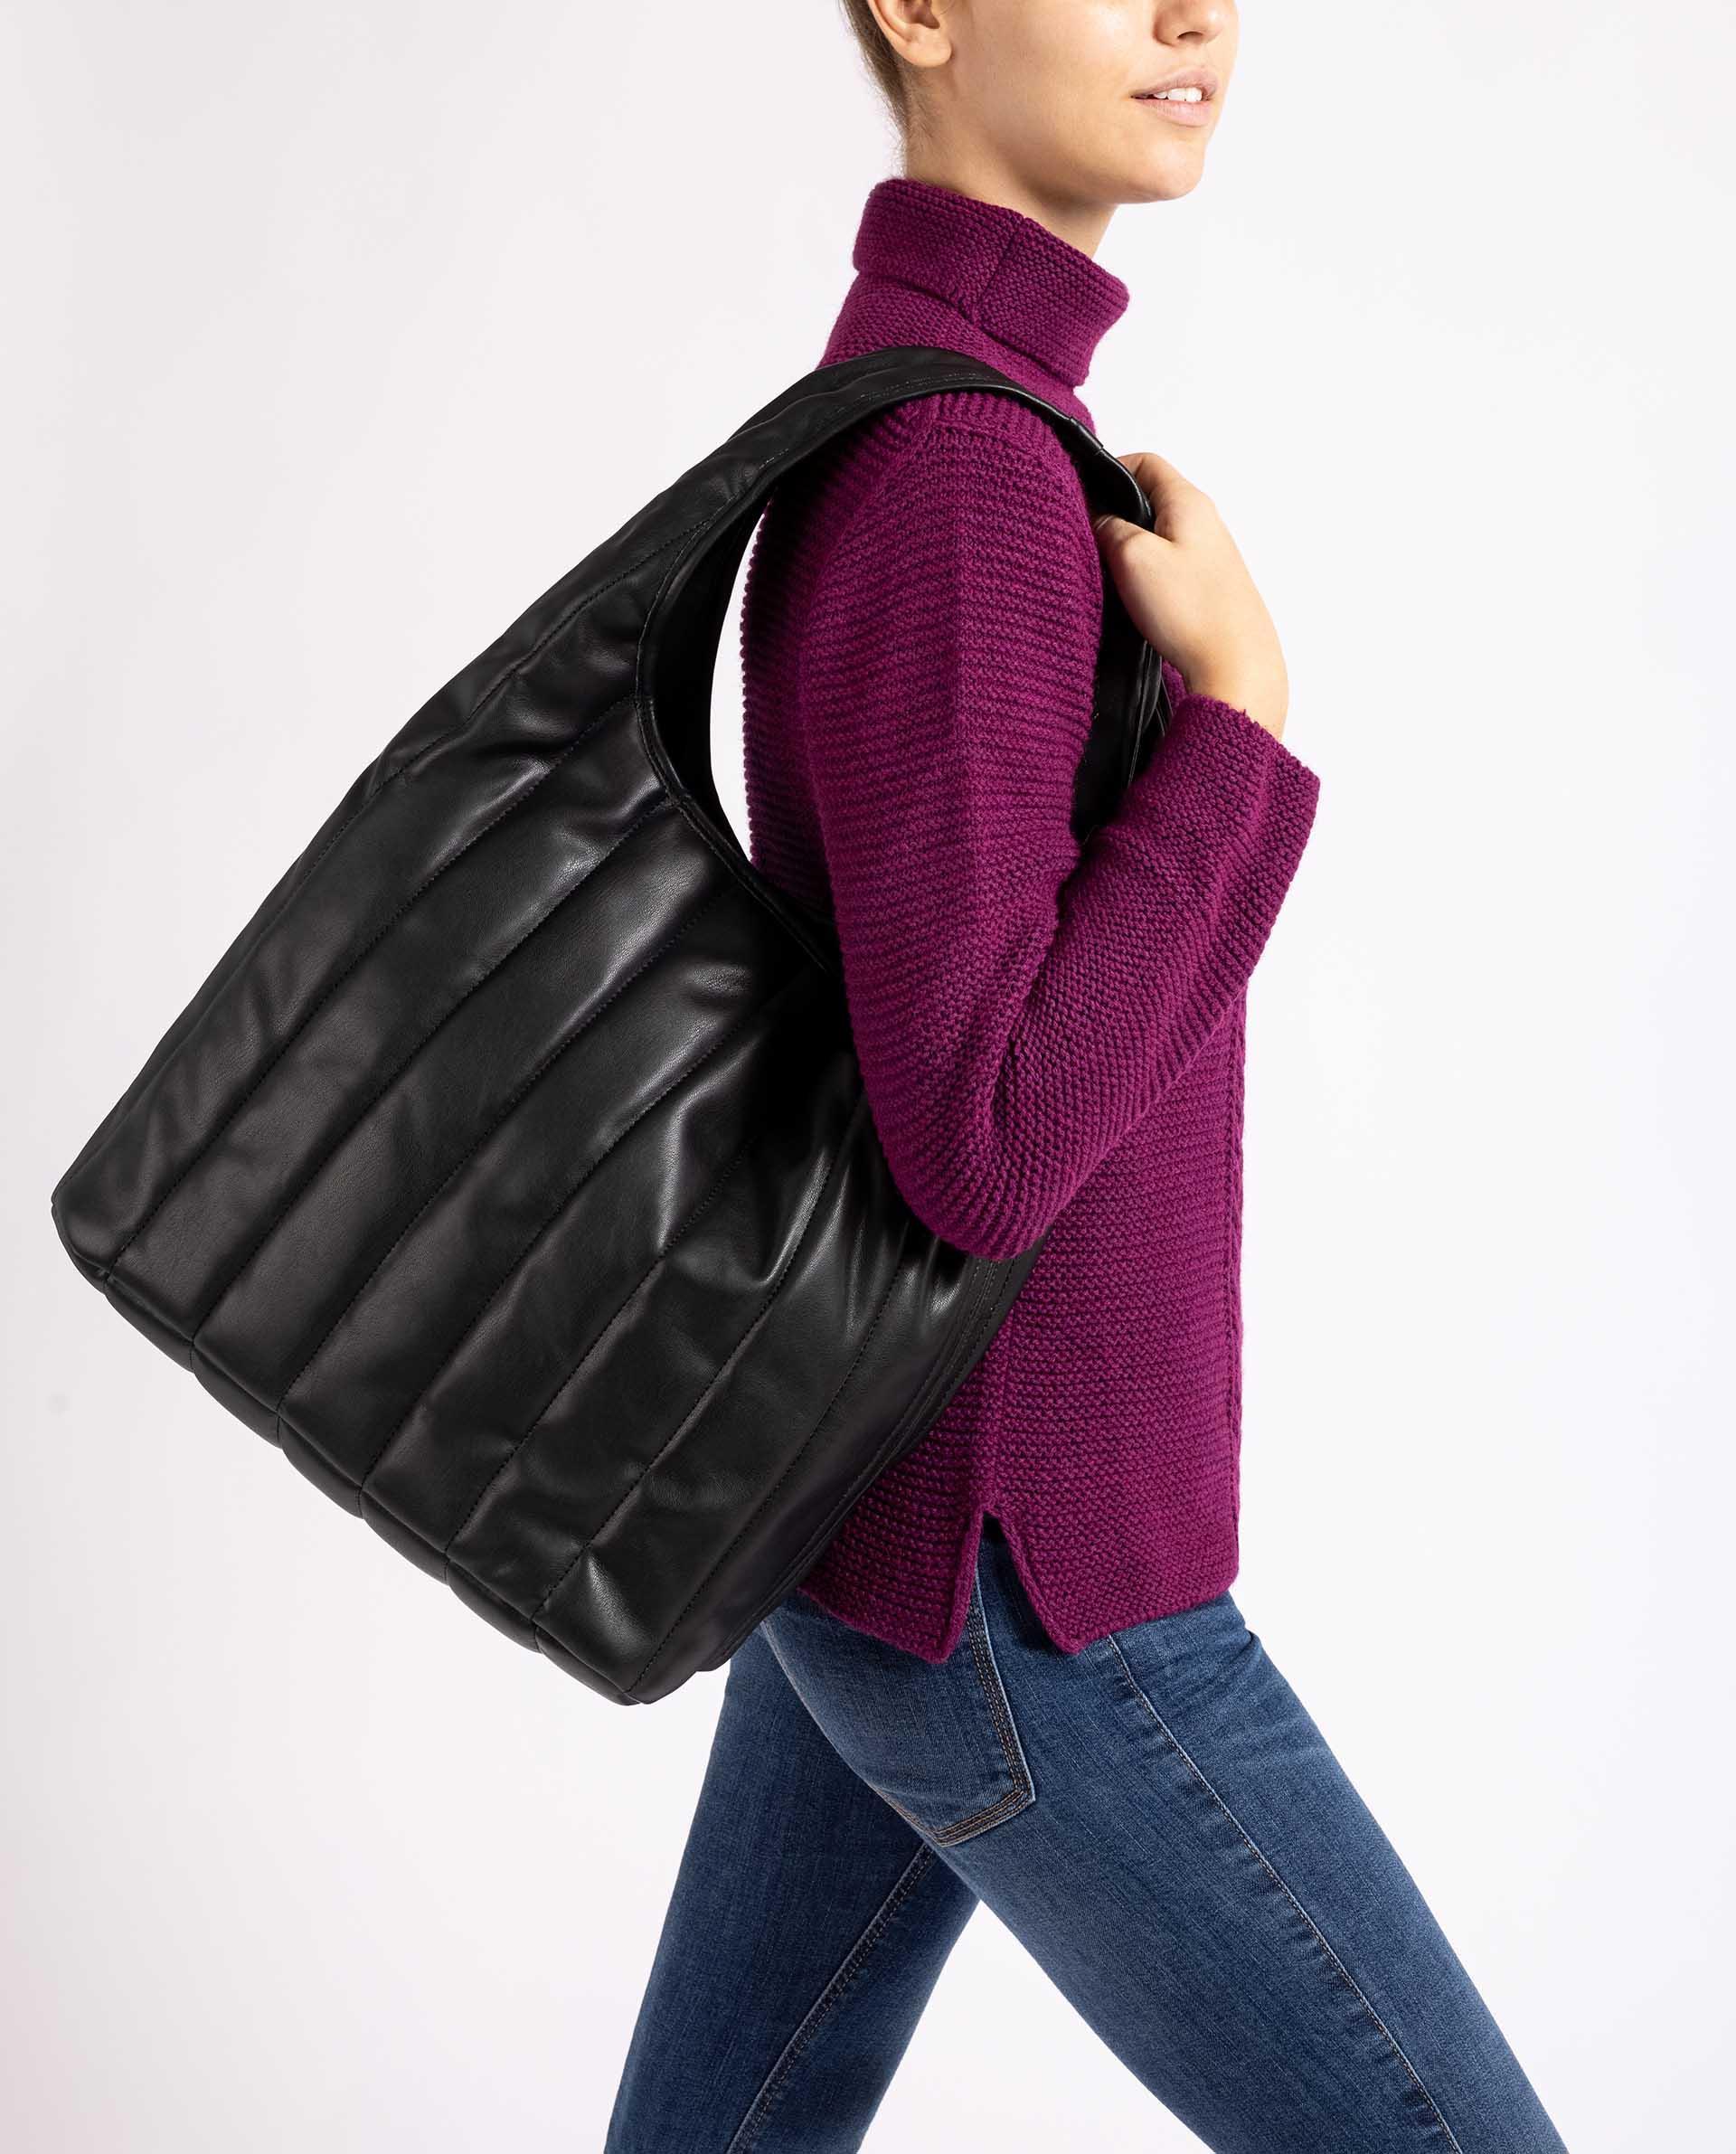 Unisa Große Handtaschen ZLIONE_SUP black